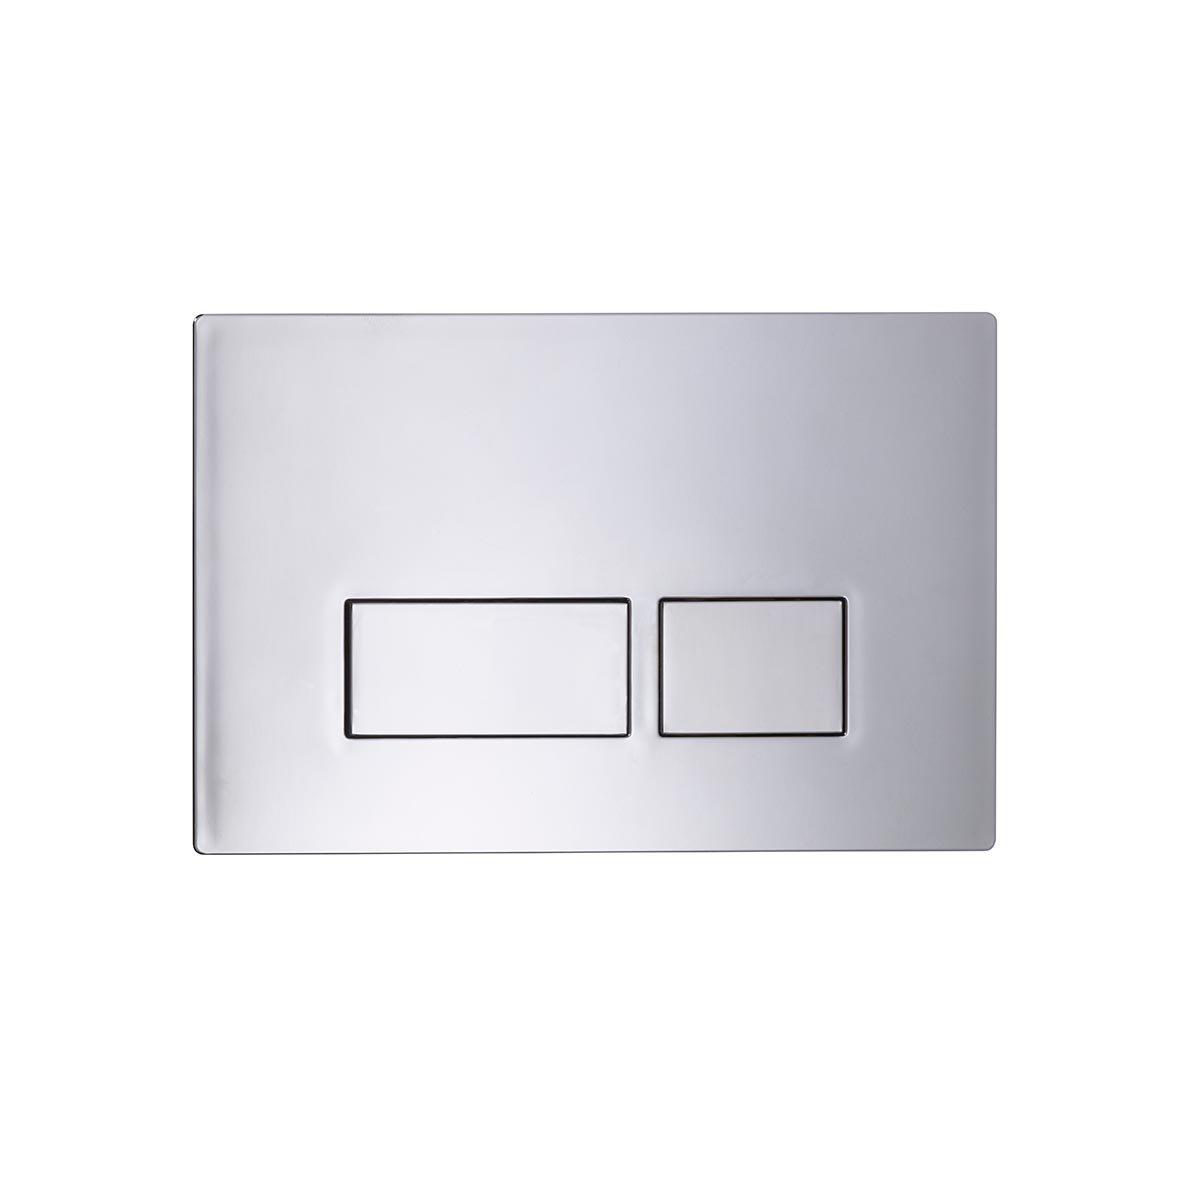 Tavistock Square Flush Plate Chrome SQFPC